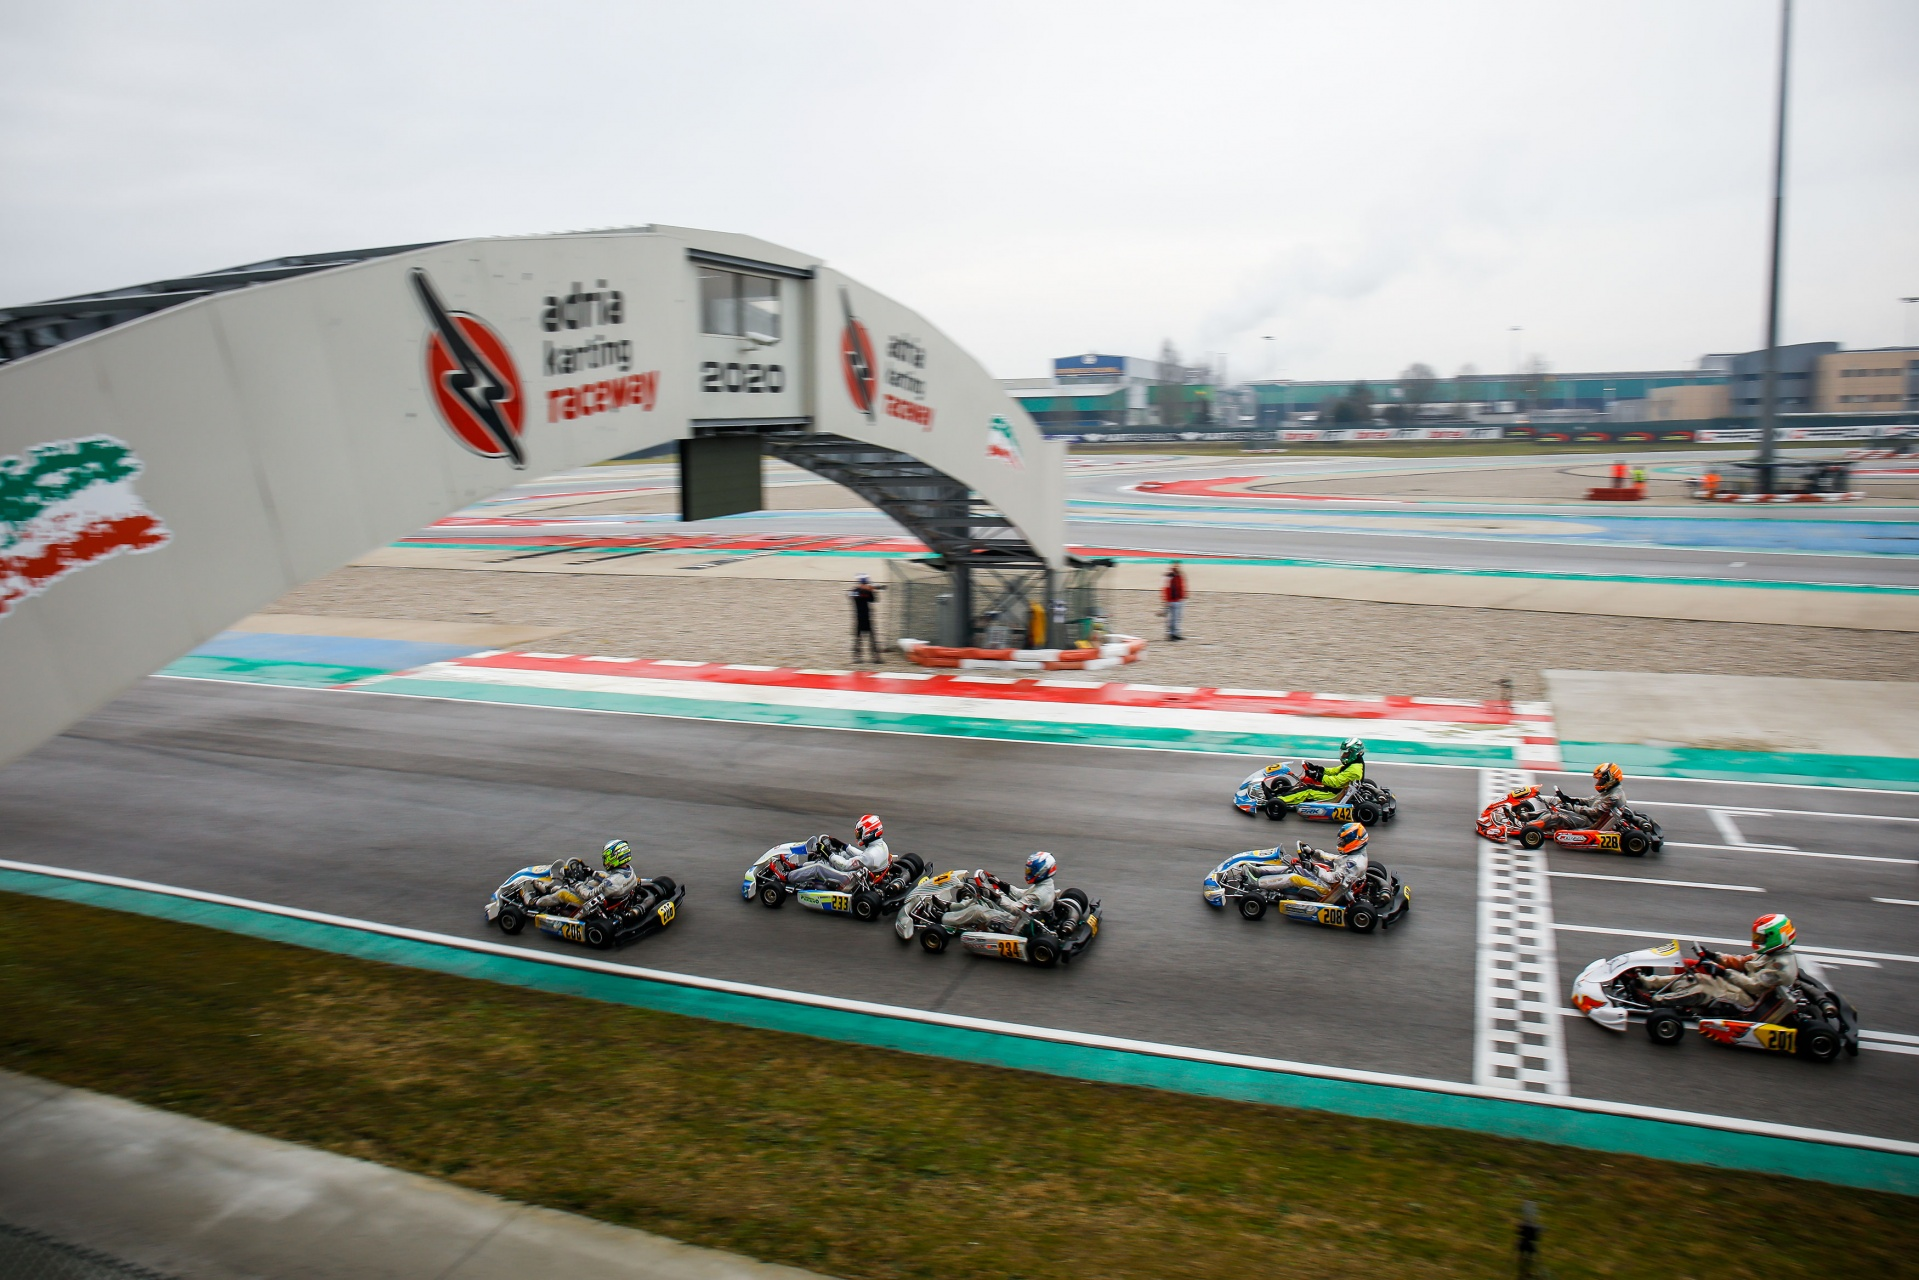 WSK Champions Cup: carreras intensas y suerte dispar para nuestros pilotos en Adria